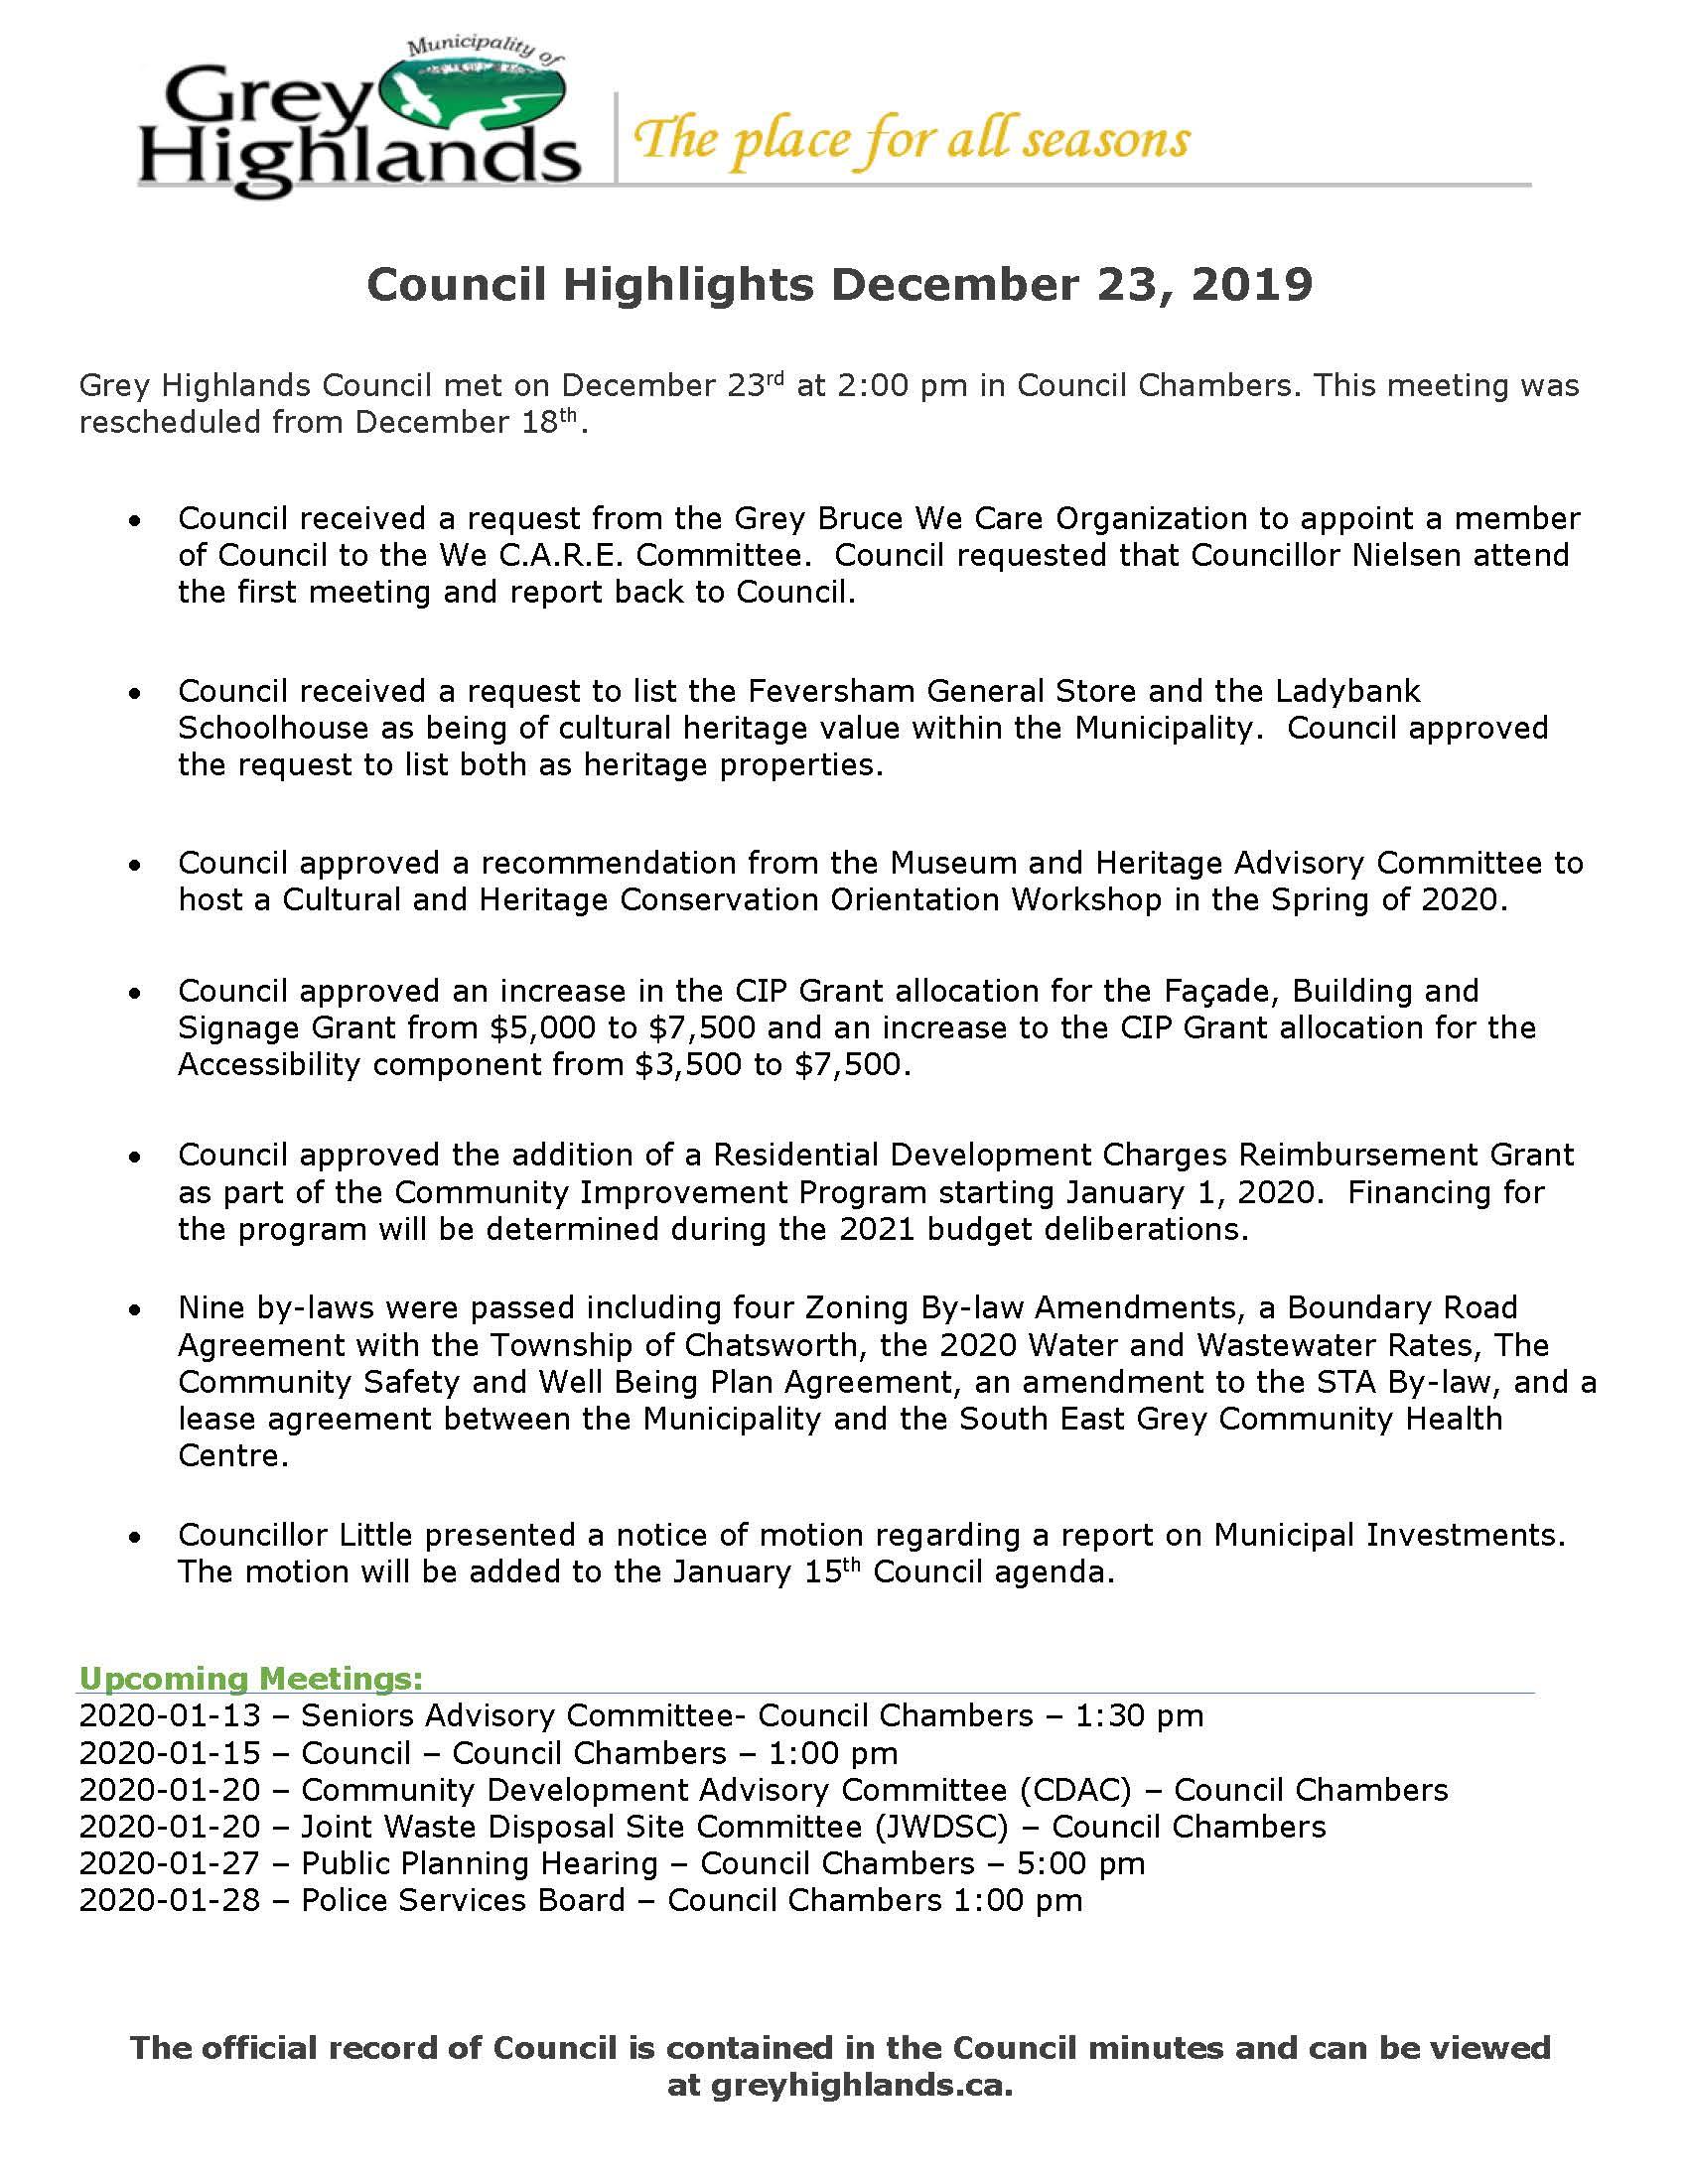 Council Highlights Dec 23, 2019